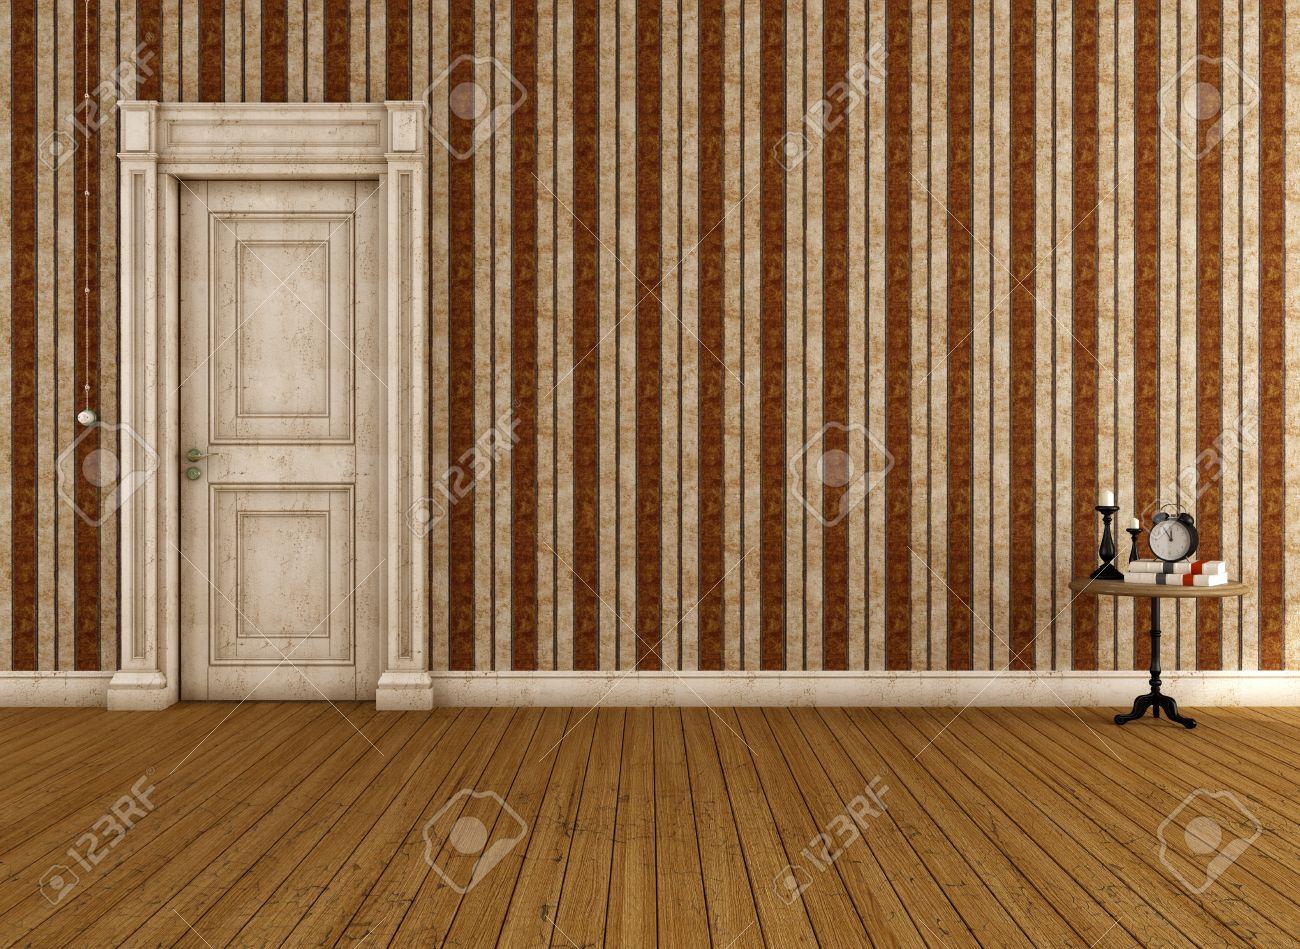 ストライプの壁紙と汚いドア ビンテージ空部屋のレンダリング の写真素材 画像素材 Image